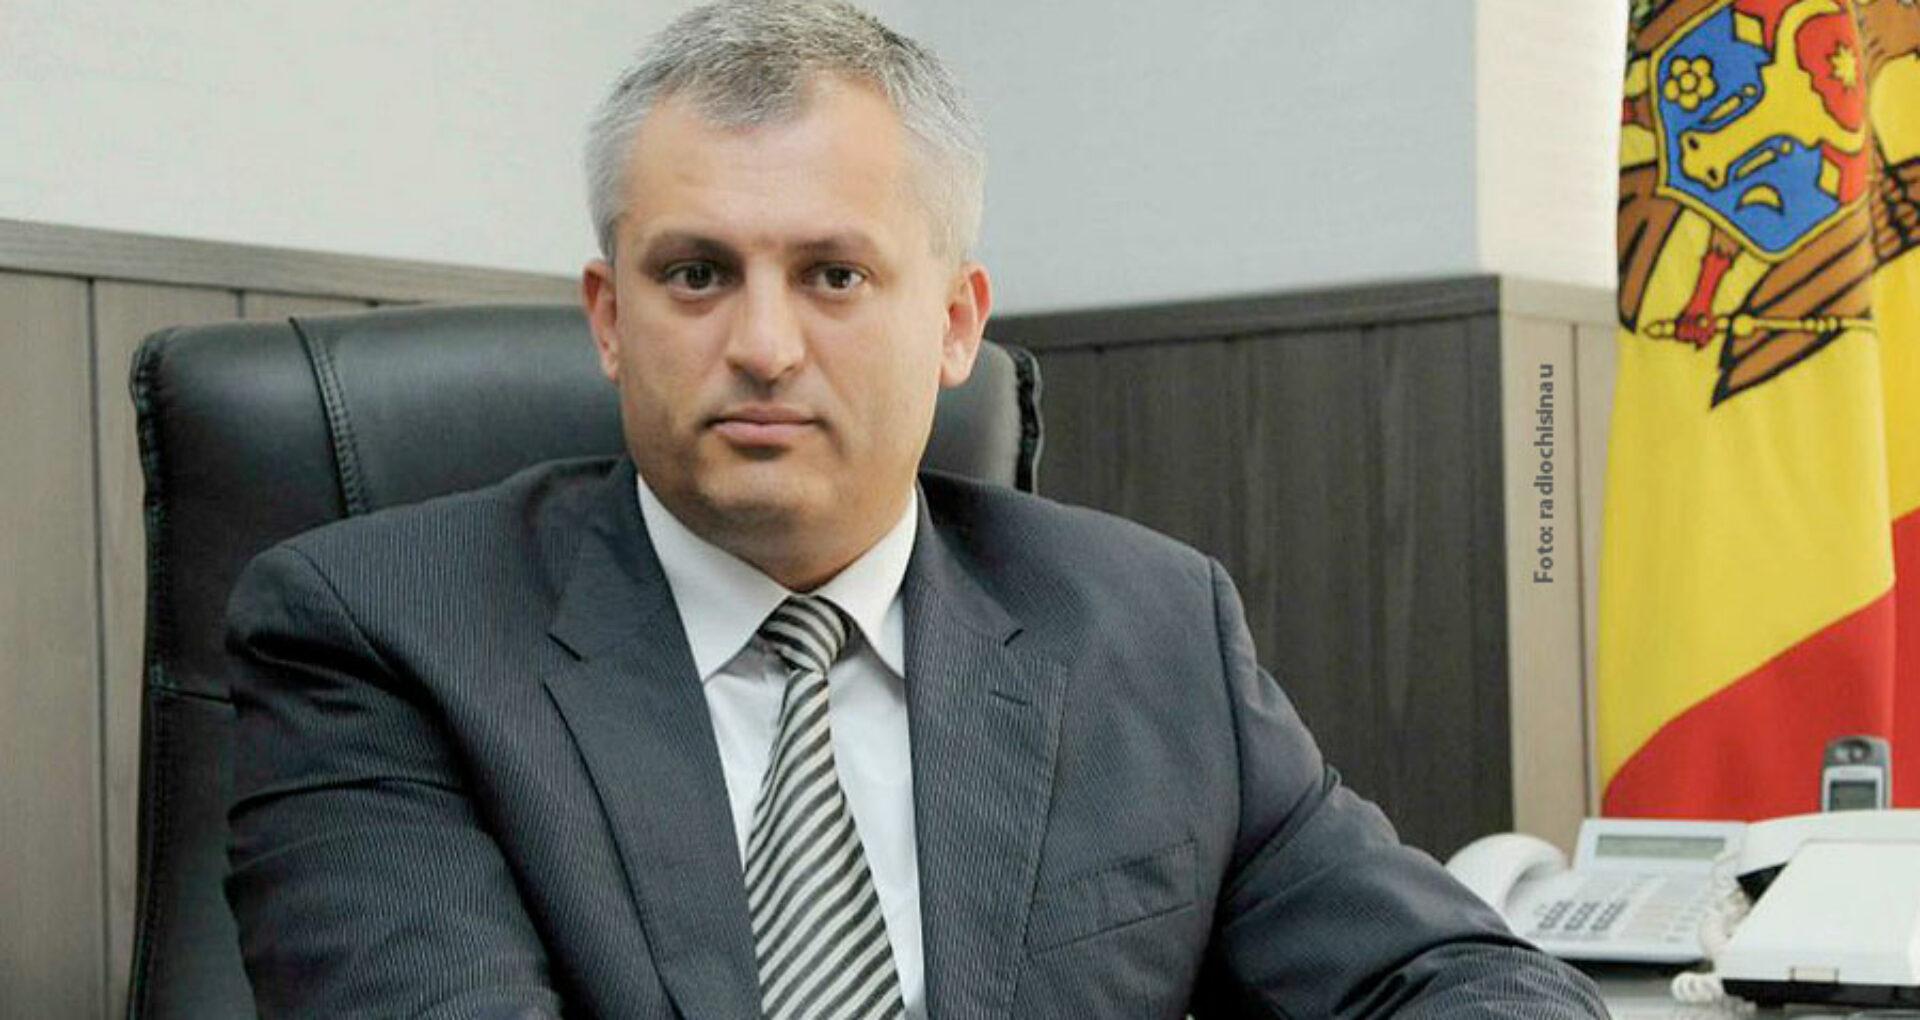 DOC/ Nicolae Vicol, fostul șef al Fiscului, poate reveni în R. Moldova. Instanța de judecată i-a revocat măsura preventivă